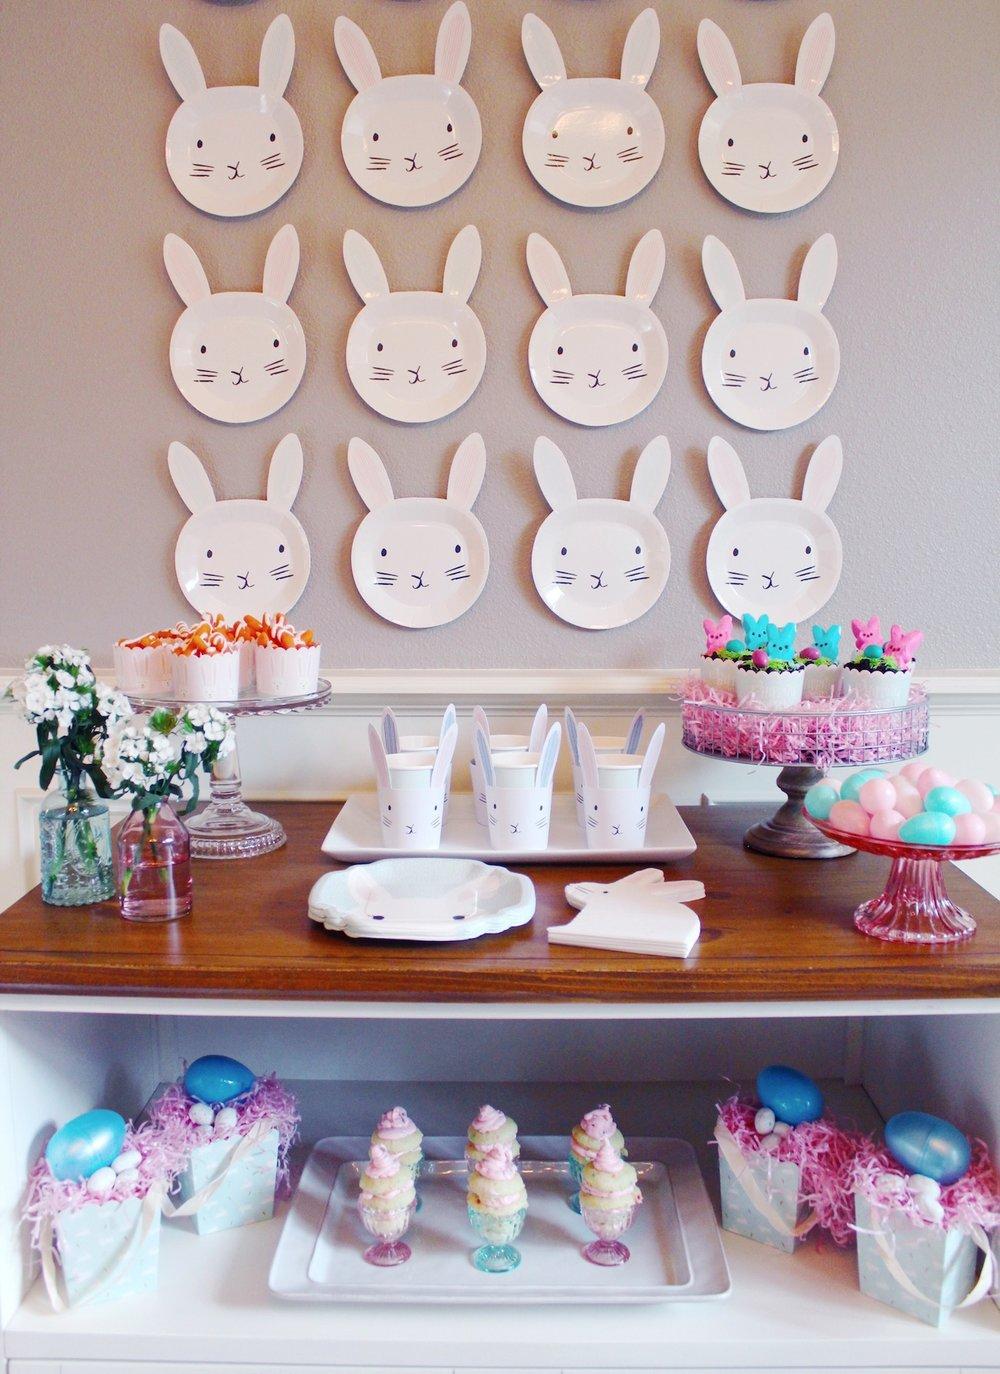 Spring Easter Party Decor Ideas_Bunny Theme_Design Organize Party.JPG